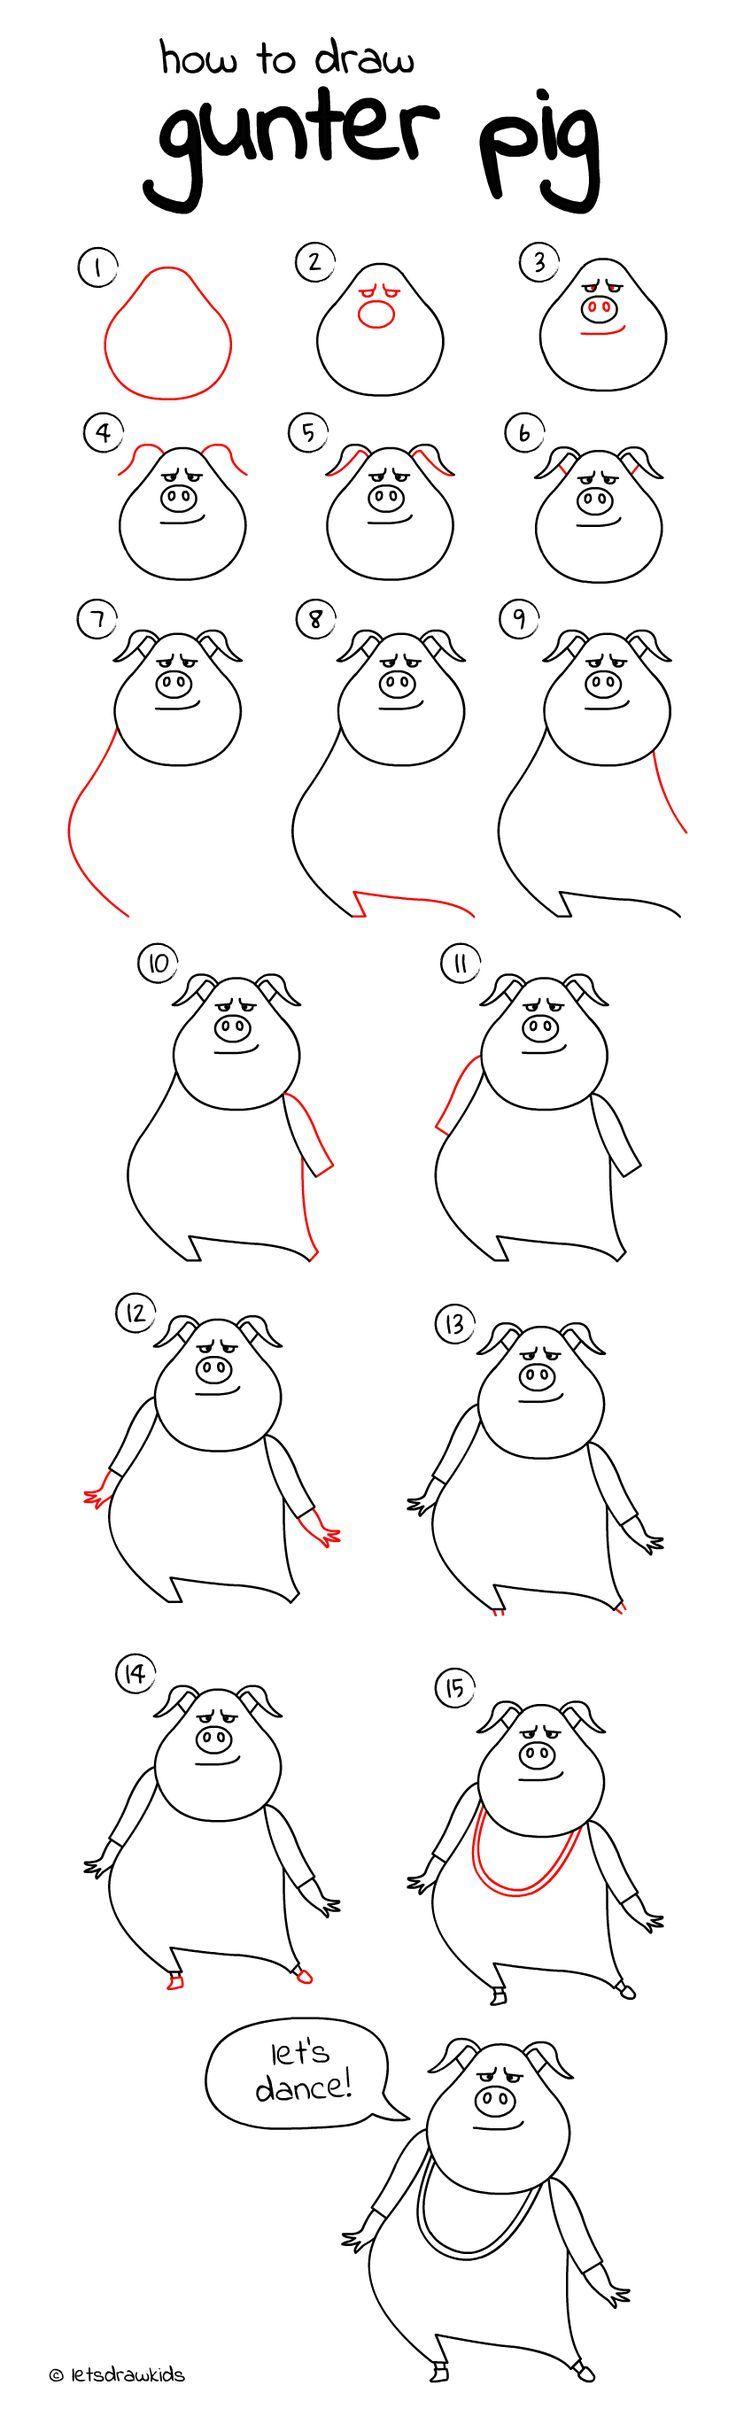 draw easy drawings step drawing cartoon let gunter pig